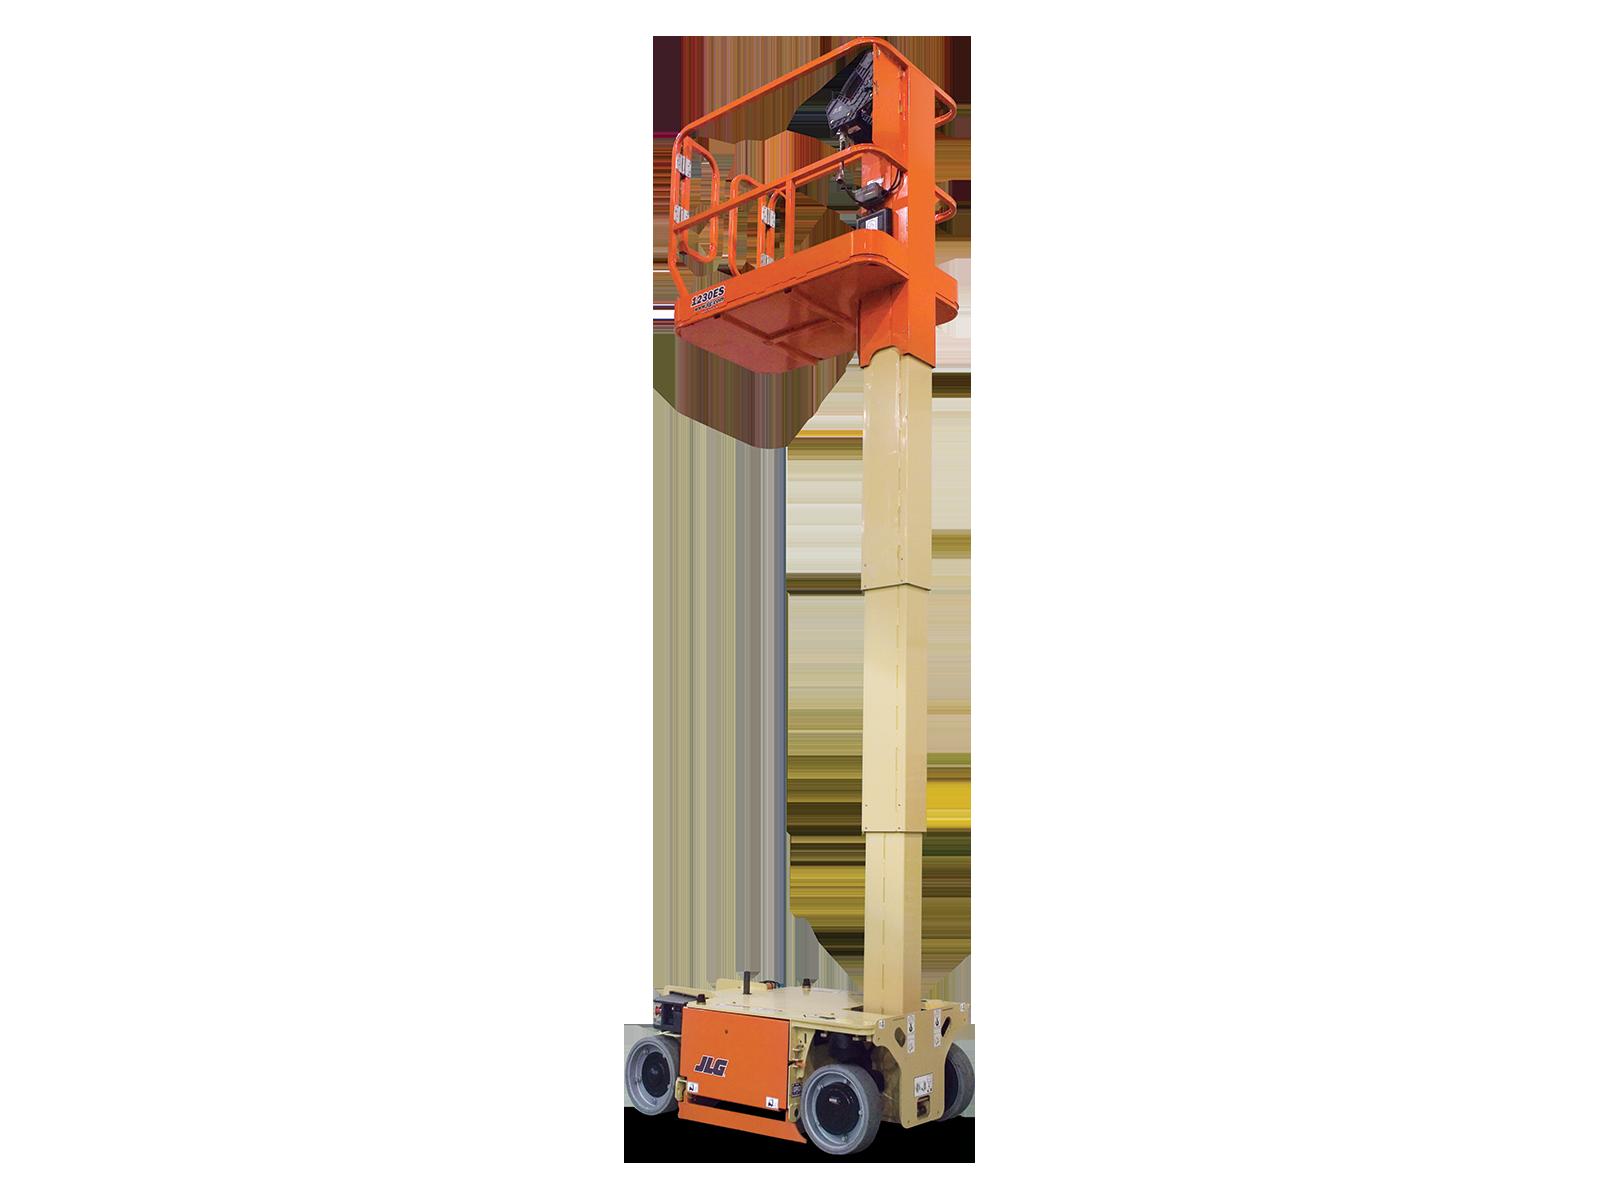 075200 JLG vertical mast lift.